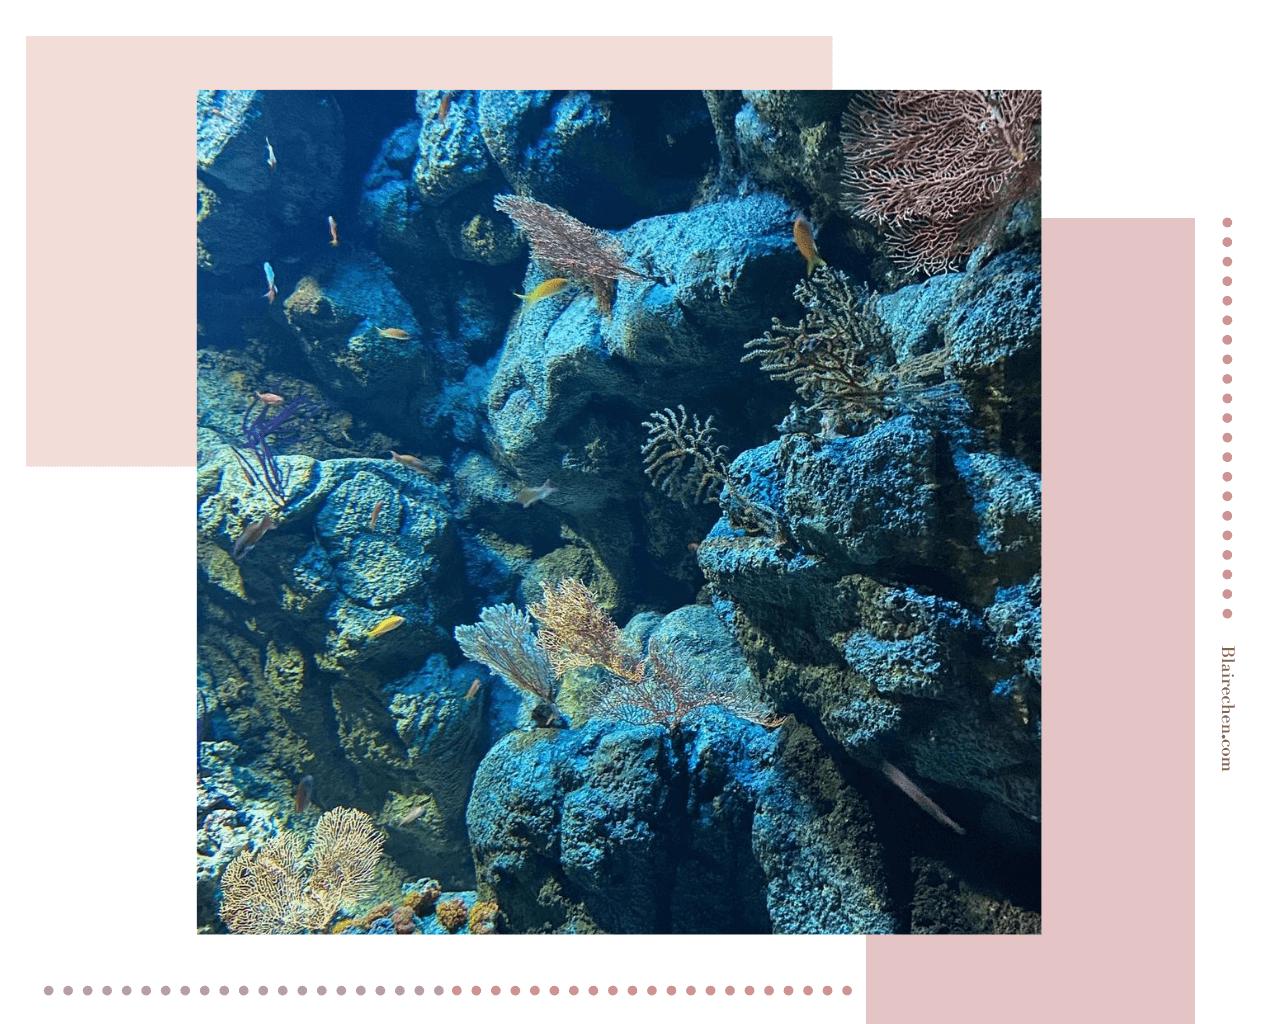 【桃園Xpark水族館】|八景島水族館XPARK水生公園開幕!門票預購、交通位置、全區必拍最美打卡點攻略,等你來!